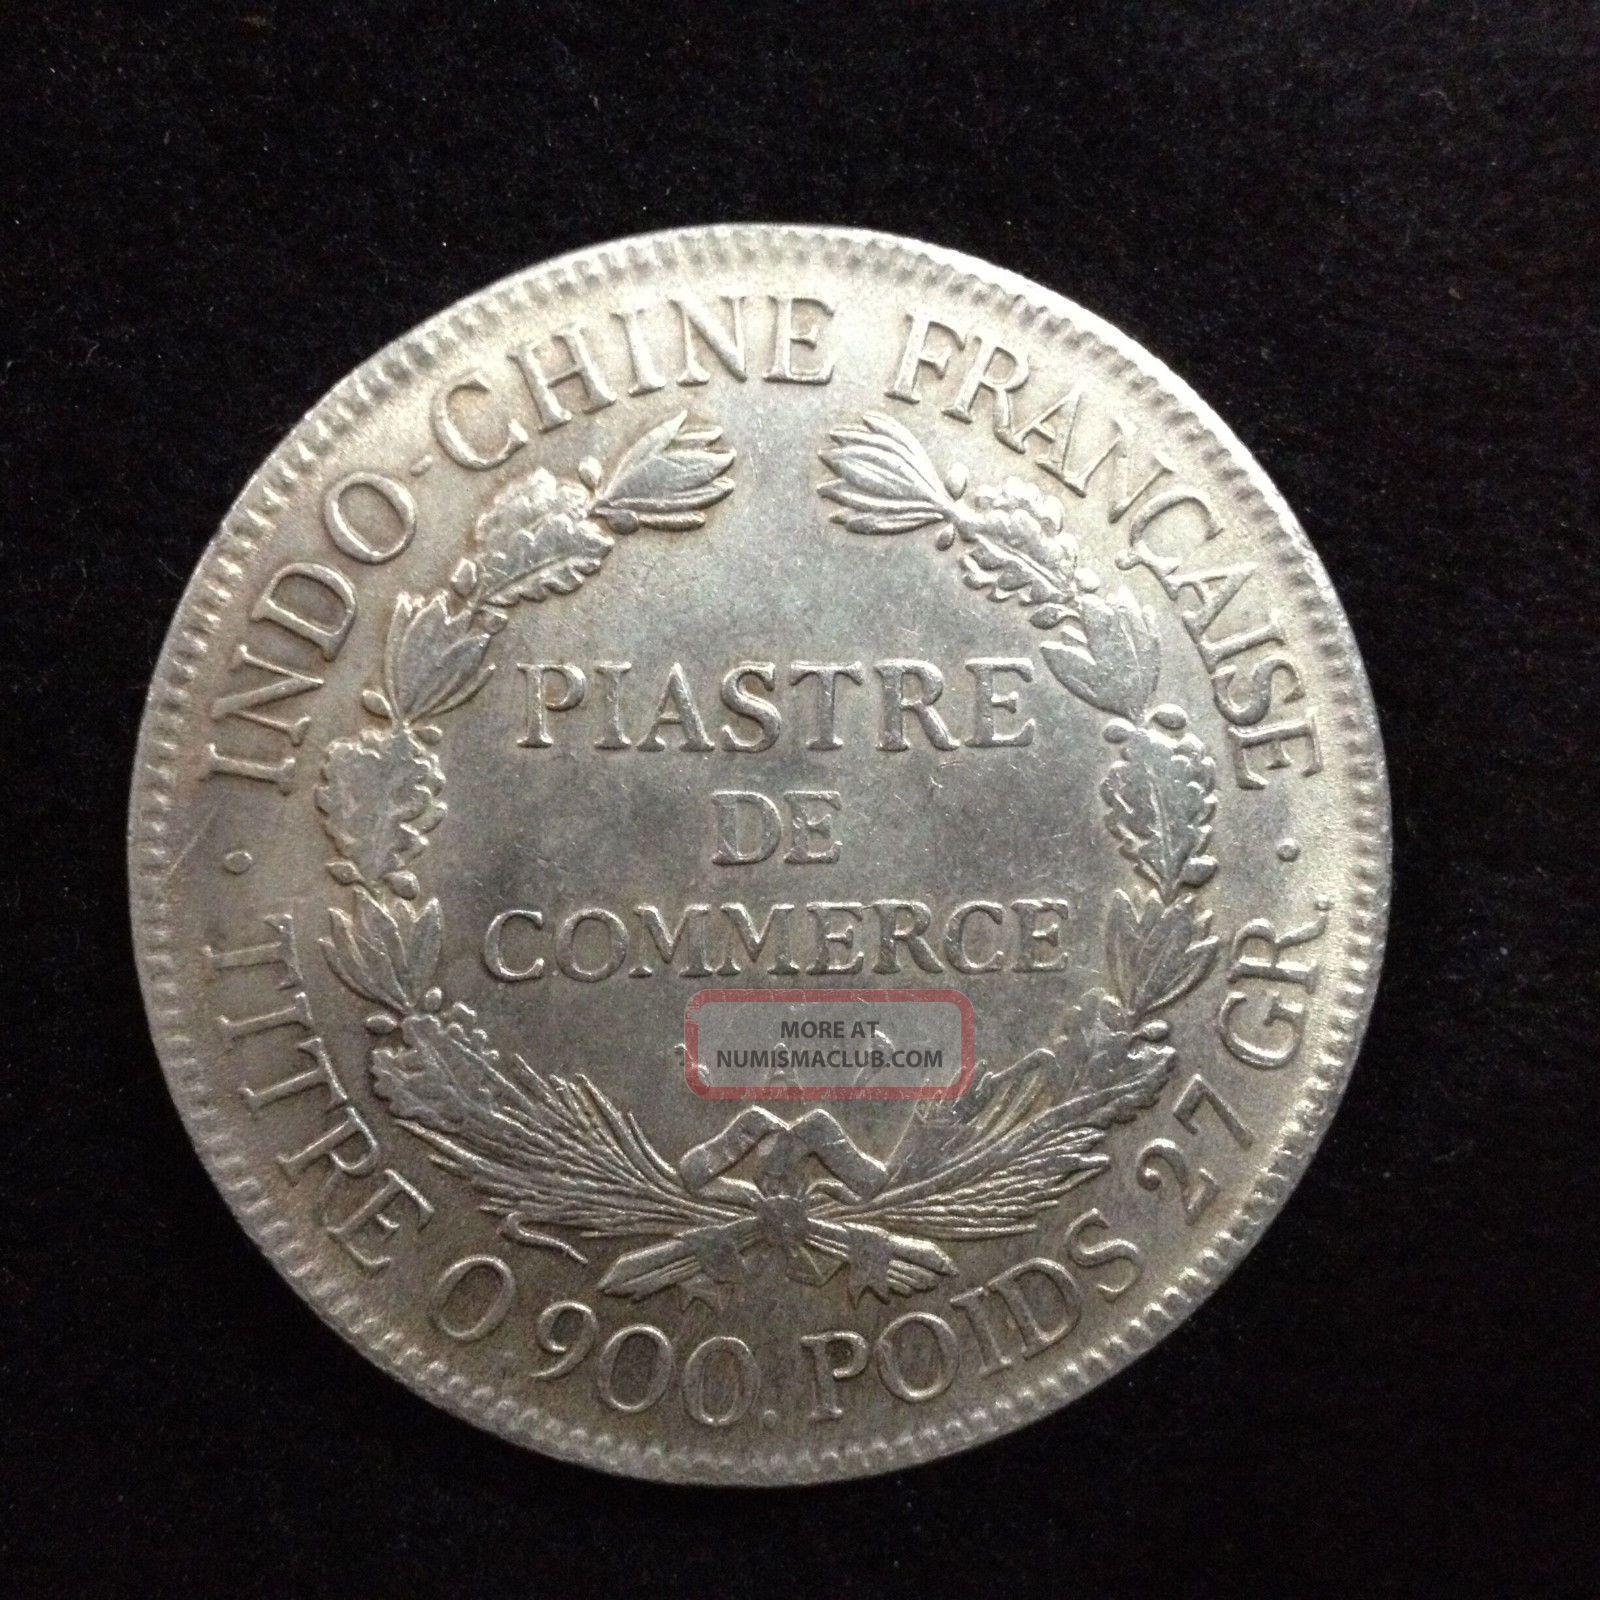 Republique Francaise 1908 Indo Chine Francaise Titre 0 900 Poids 27 Gr Old Coin